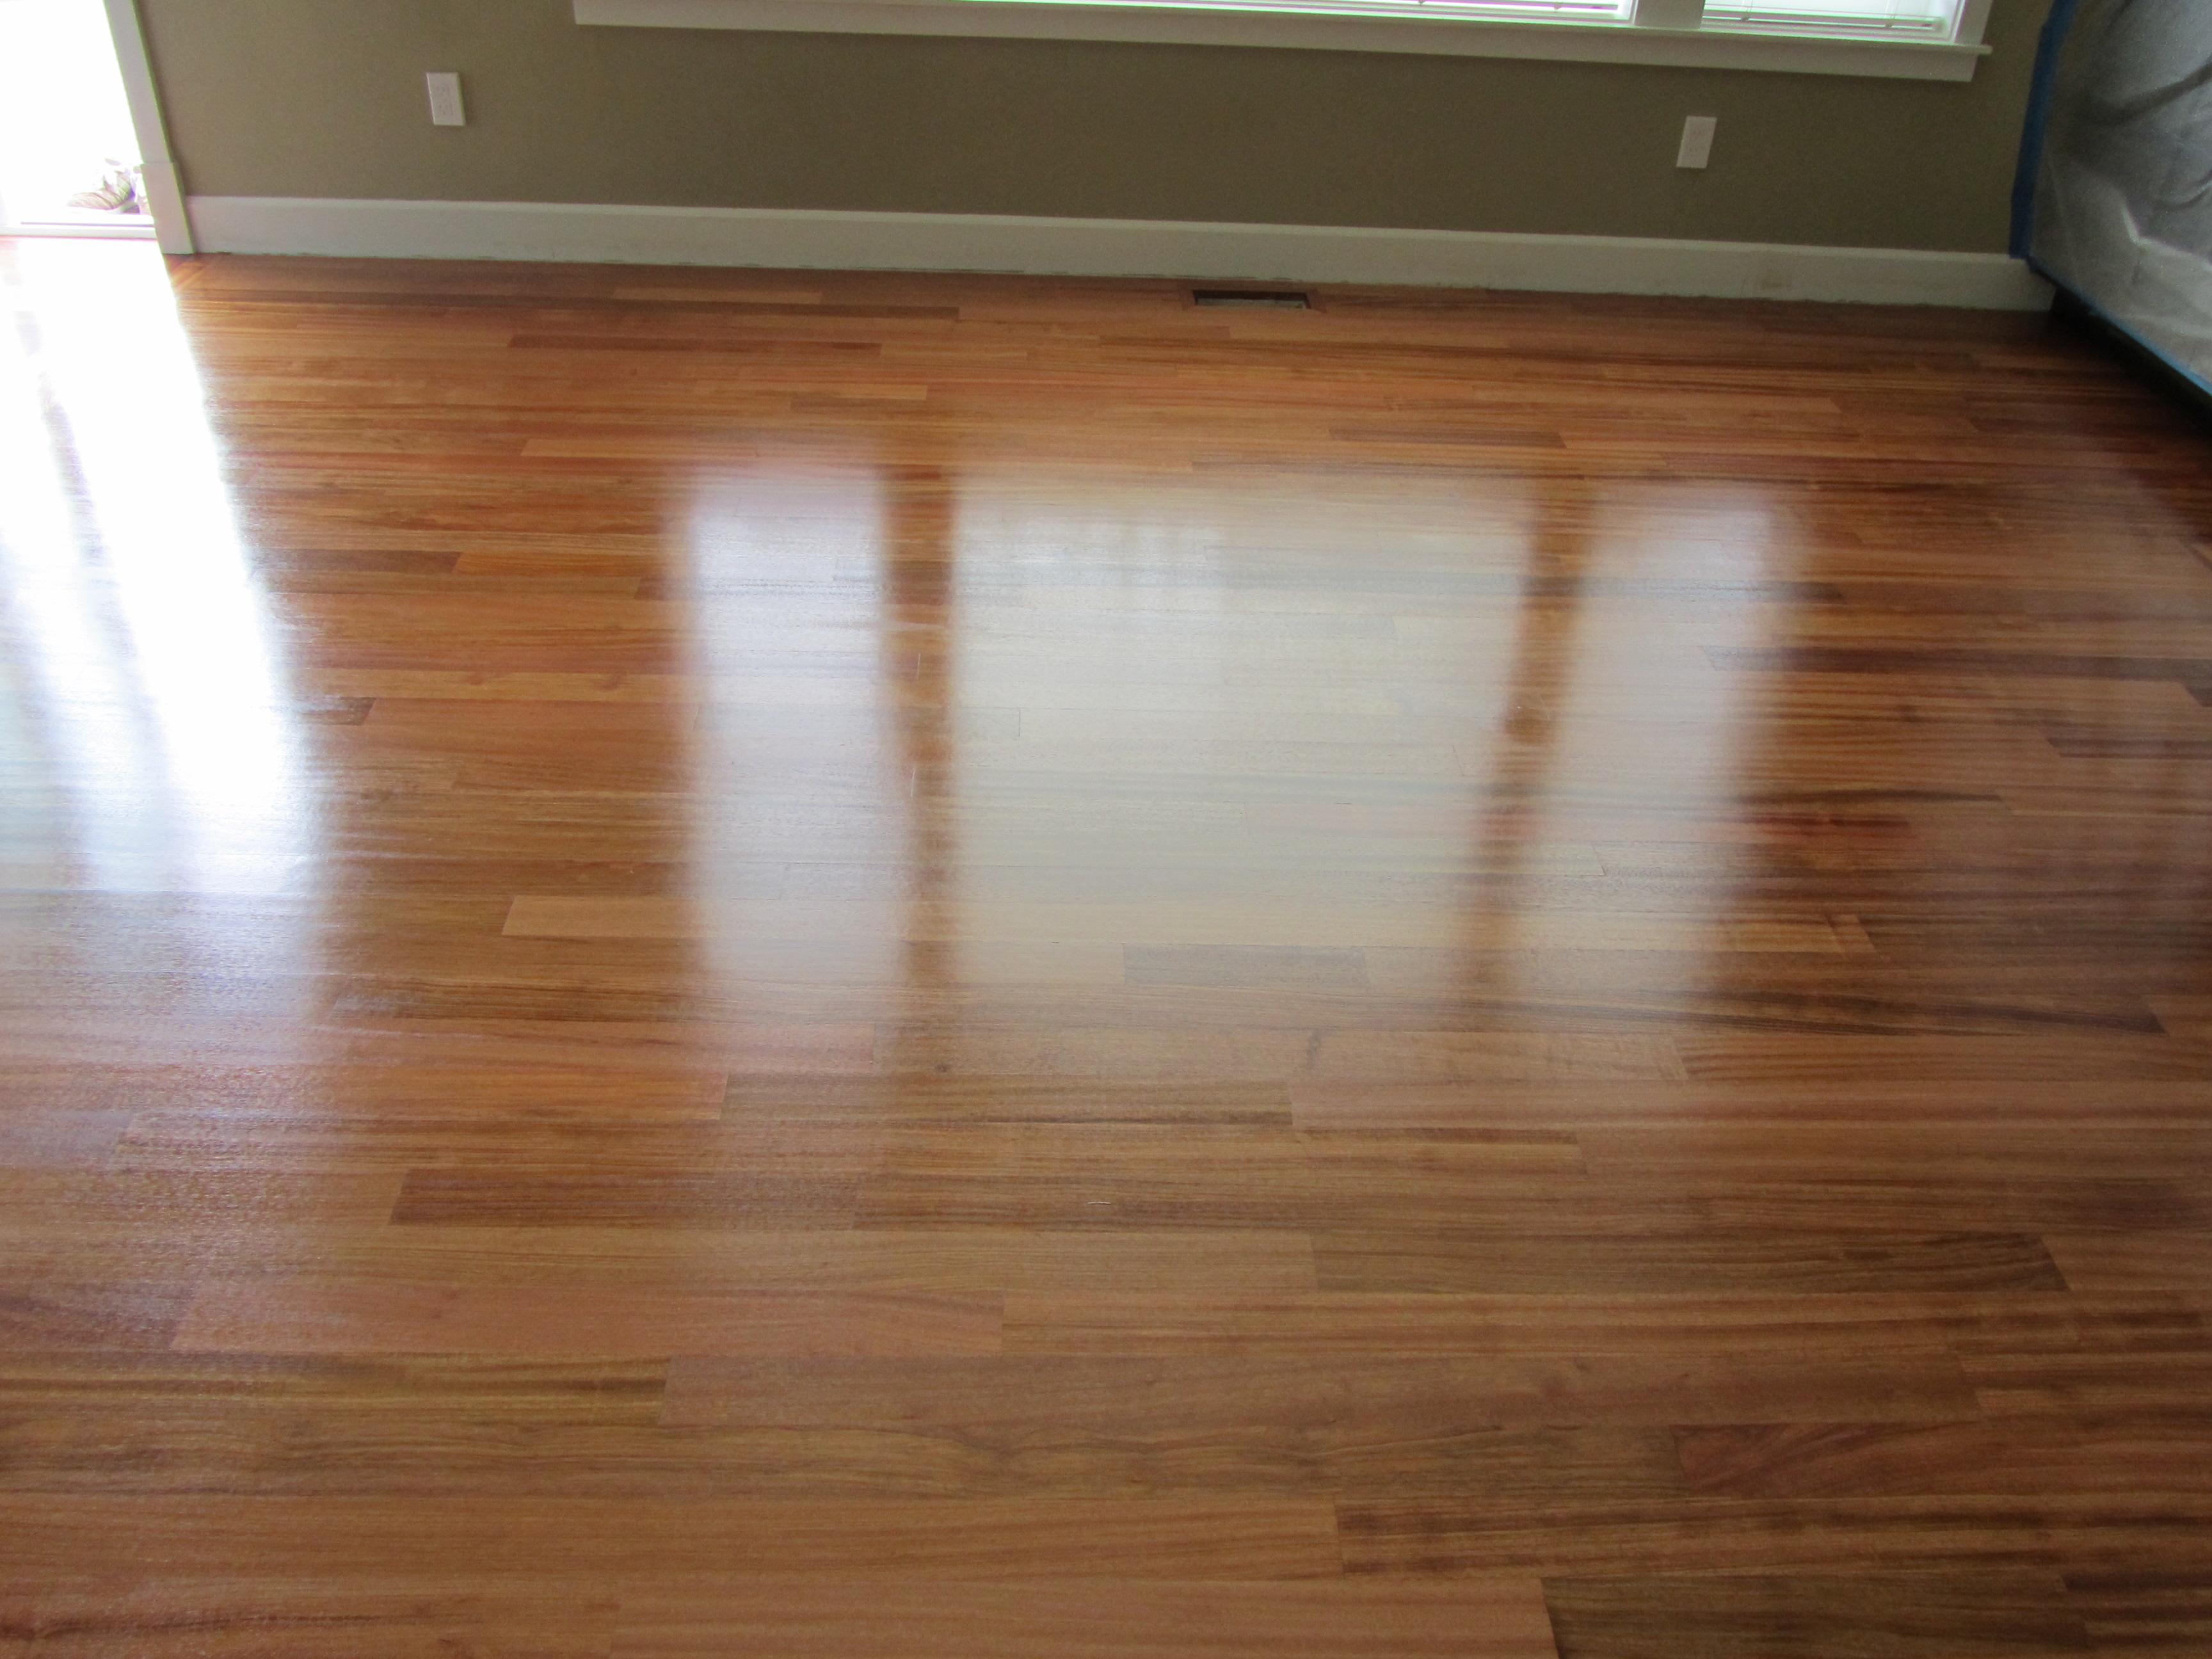 Gallery of hardwood flooring work seattle general for Hardwood floors seattle